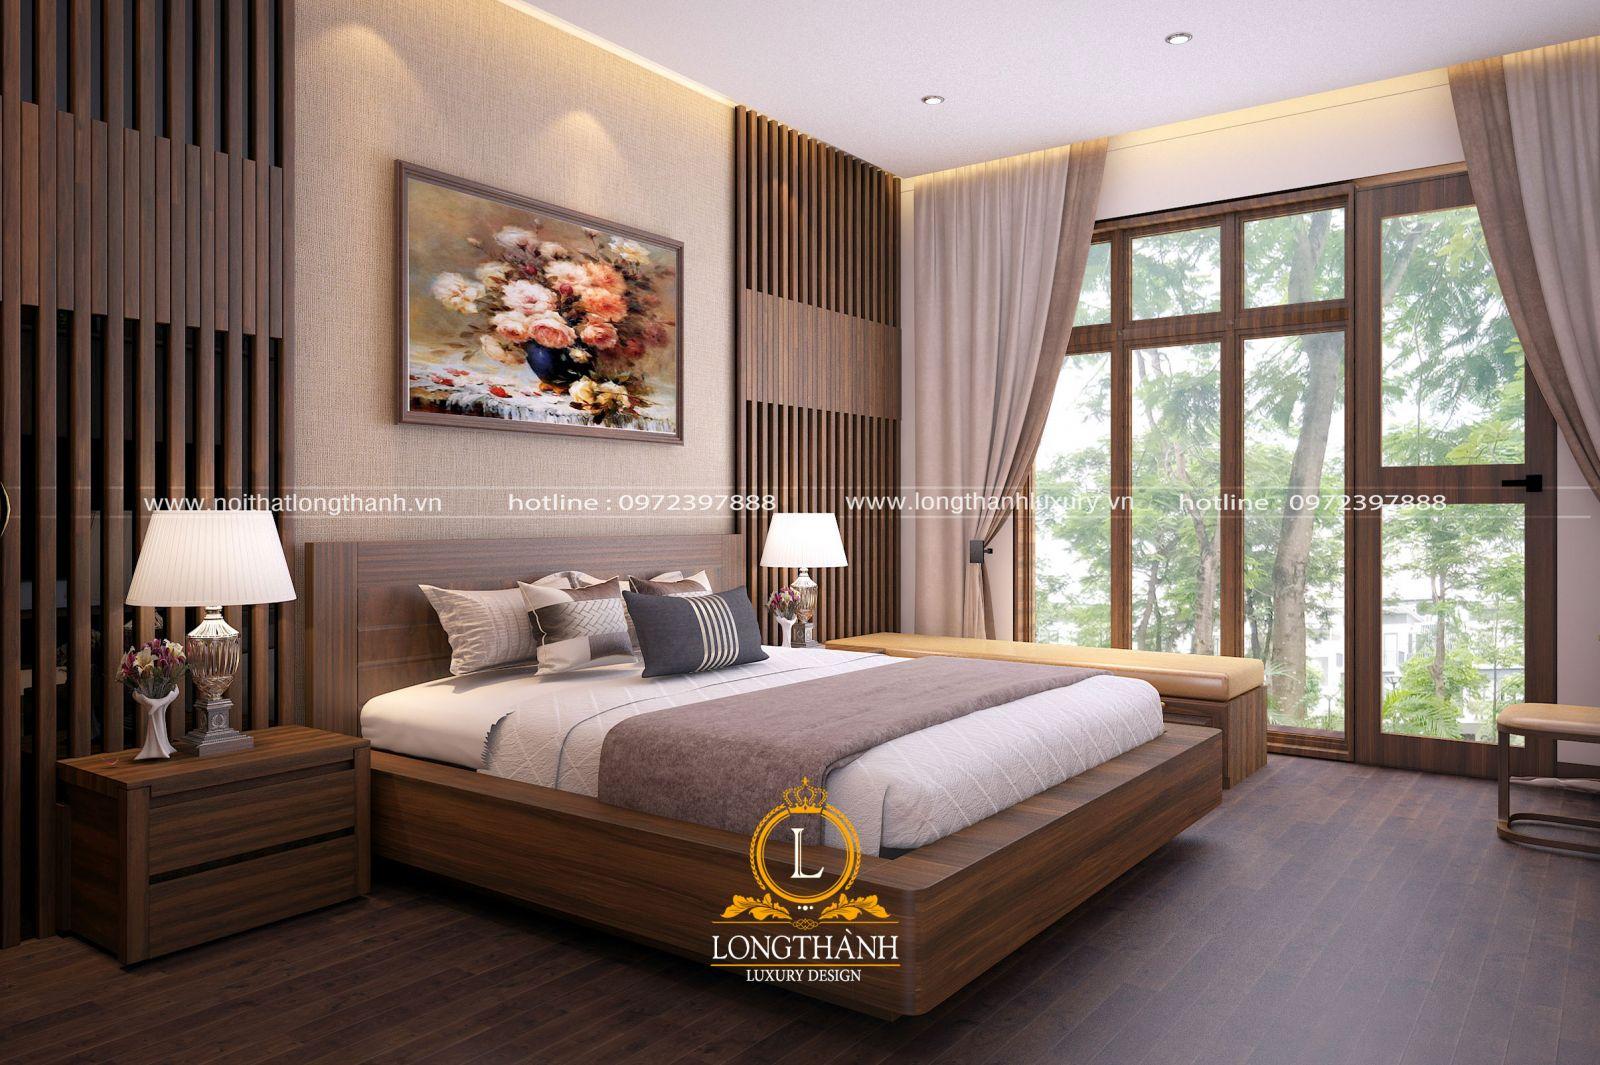 Mẫu phòng ngủ phong cách hiện đại đẹp và tiện nghi